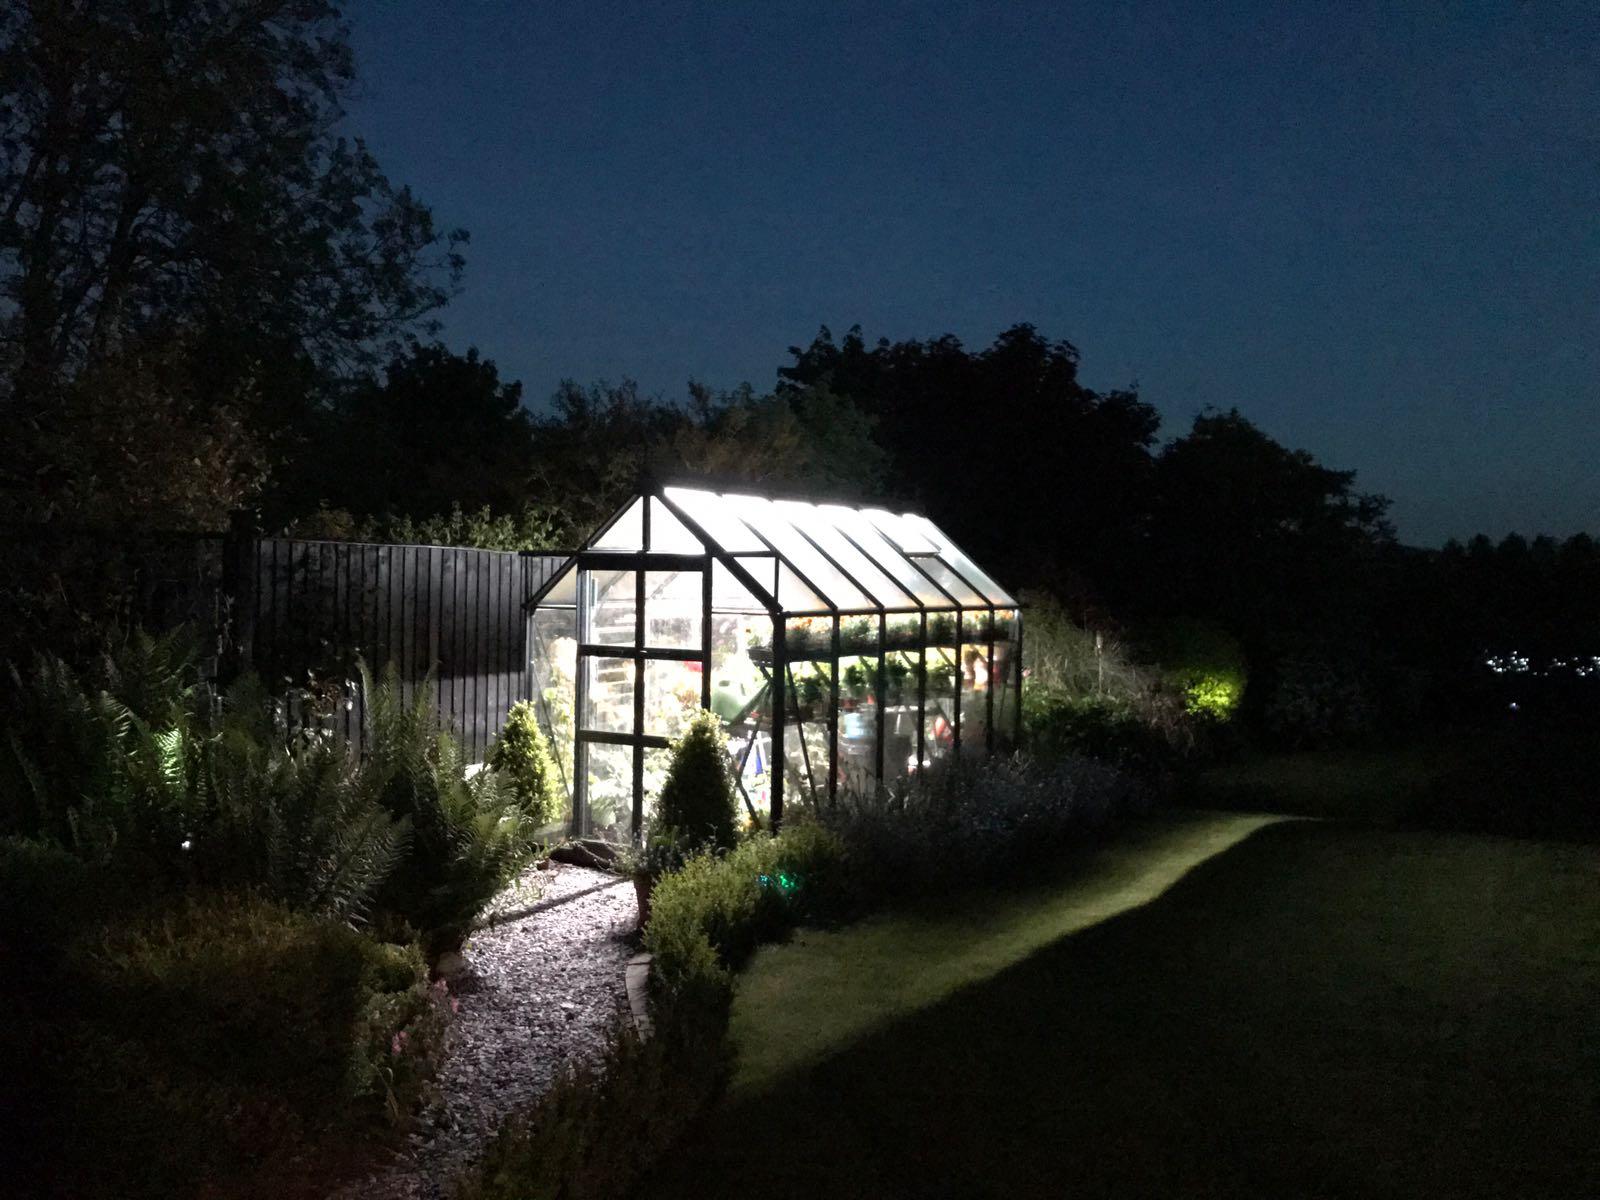 Loxone Smart Greenhouse